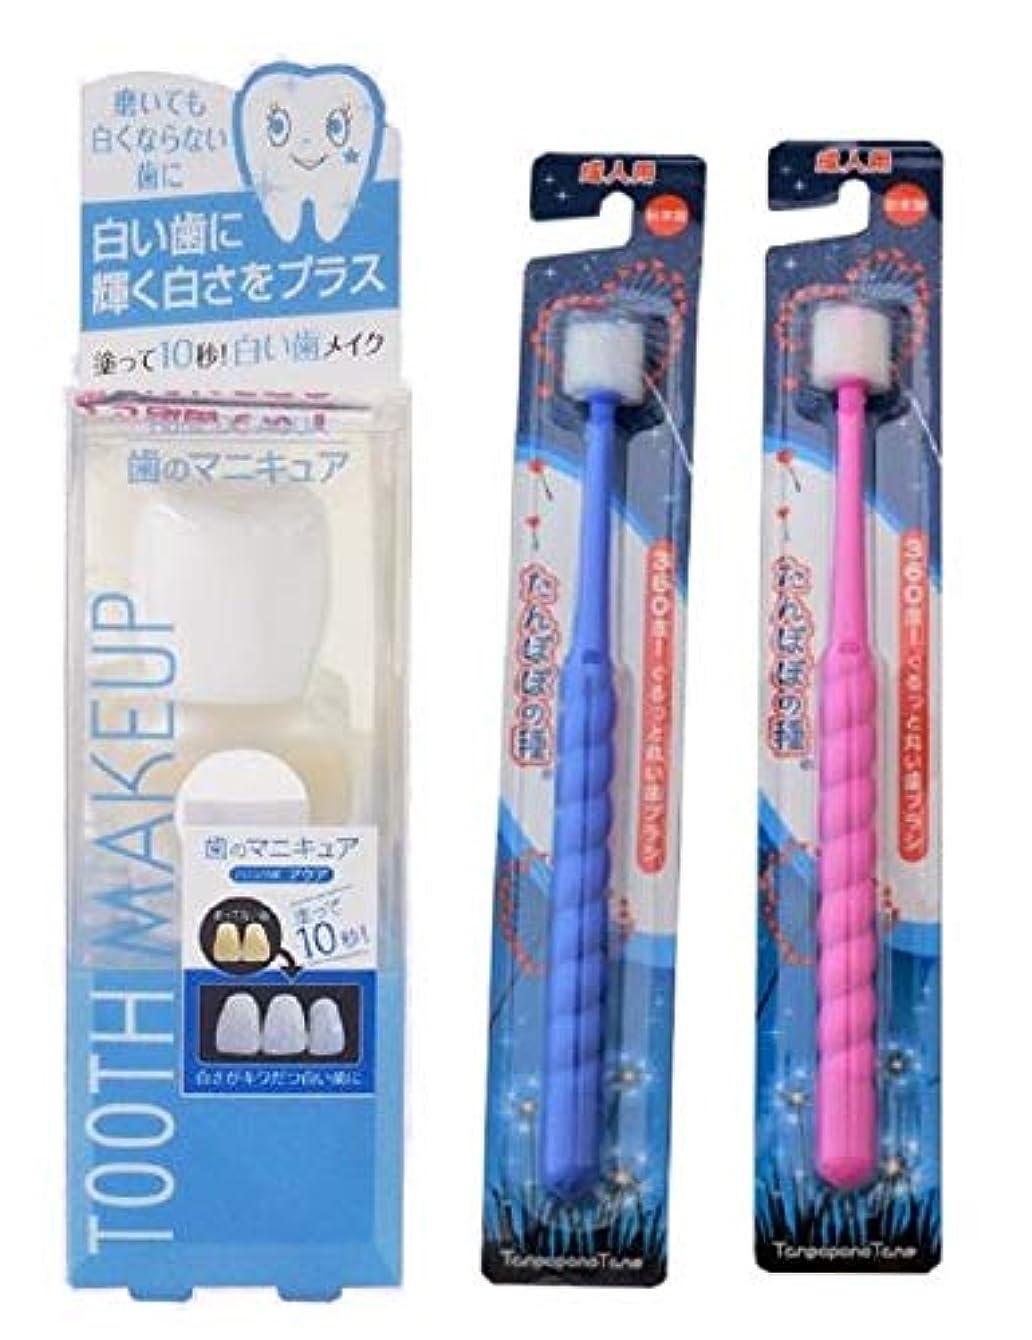 発行するかりて好奇心盛ハニックDCアクア たんぽぽの種歯ブラシ2本セット